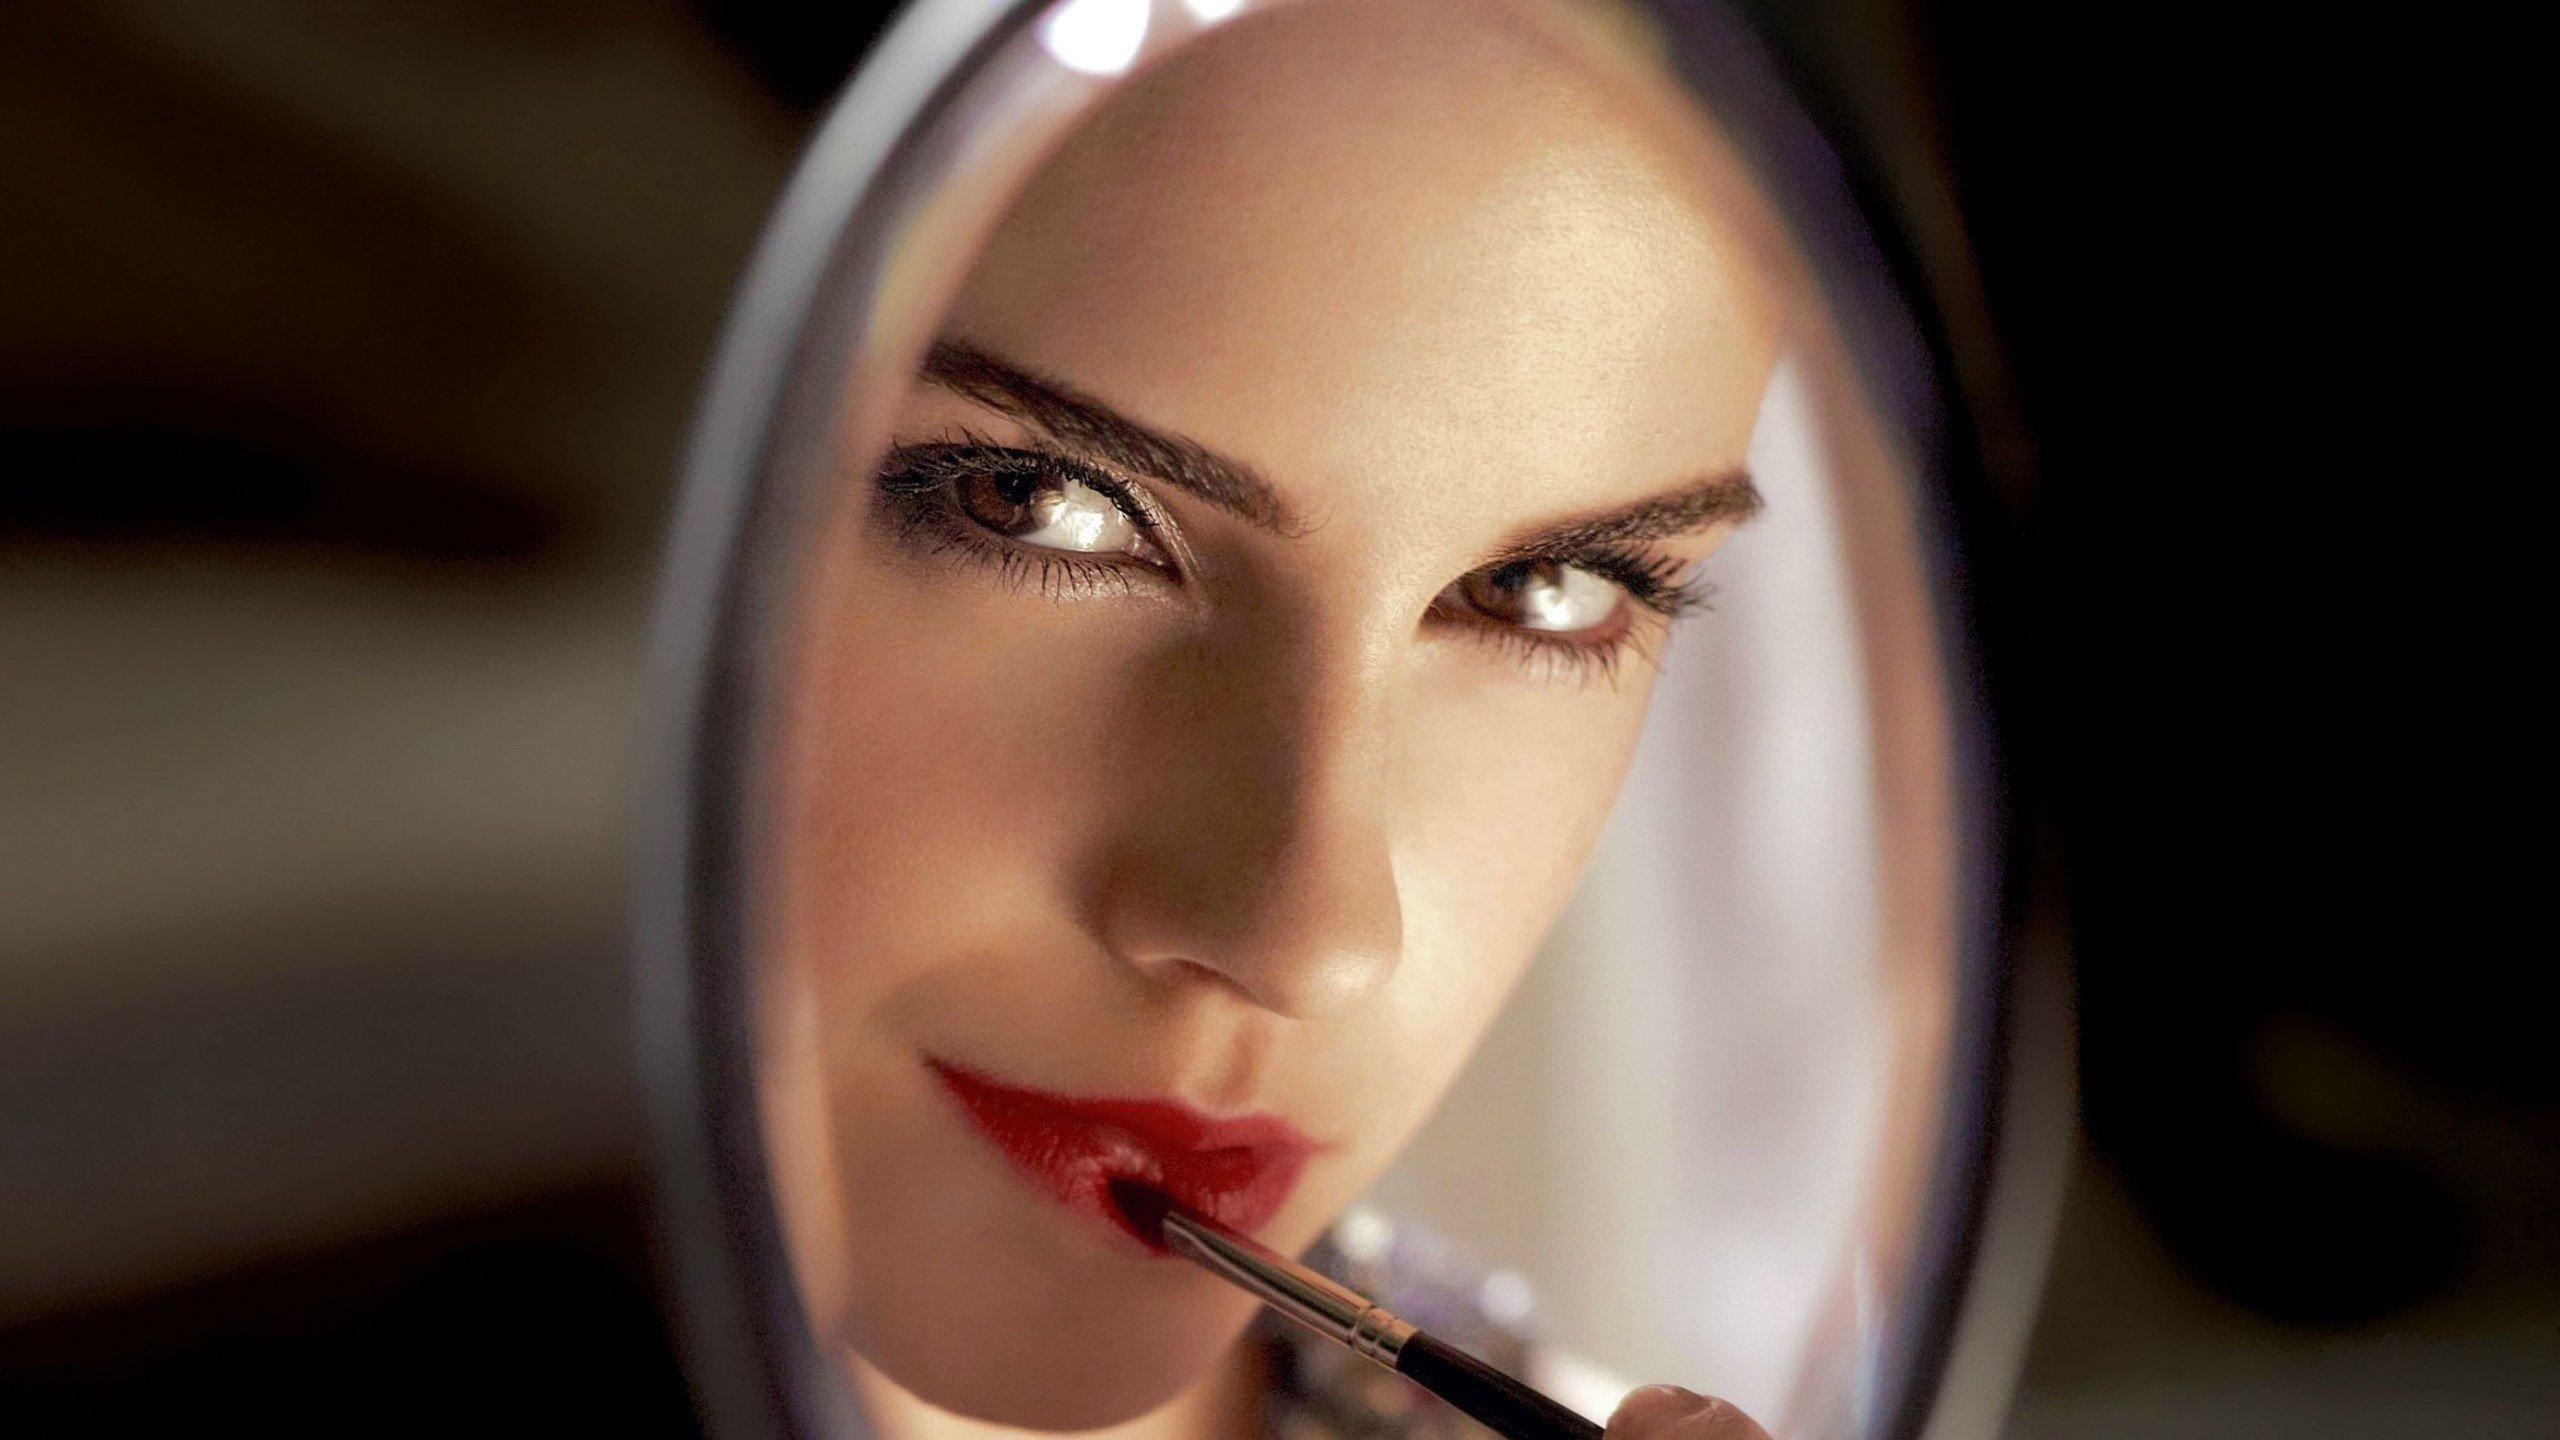 Wallpaper Emma Watson in a mirror